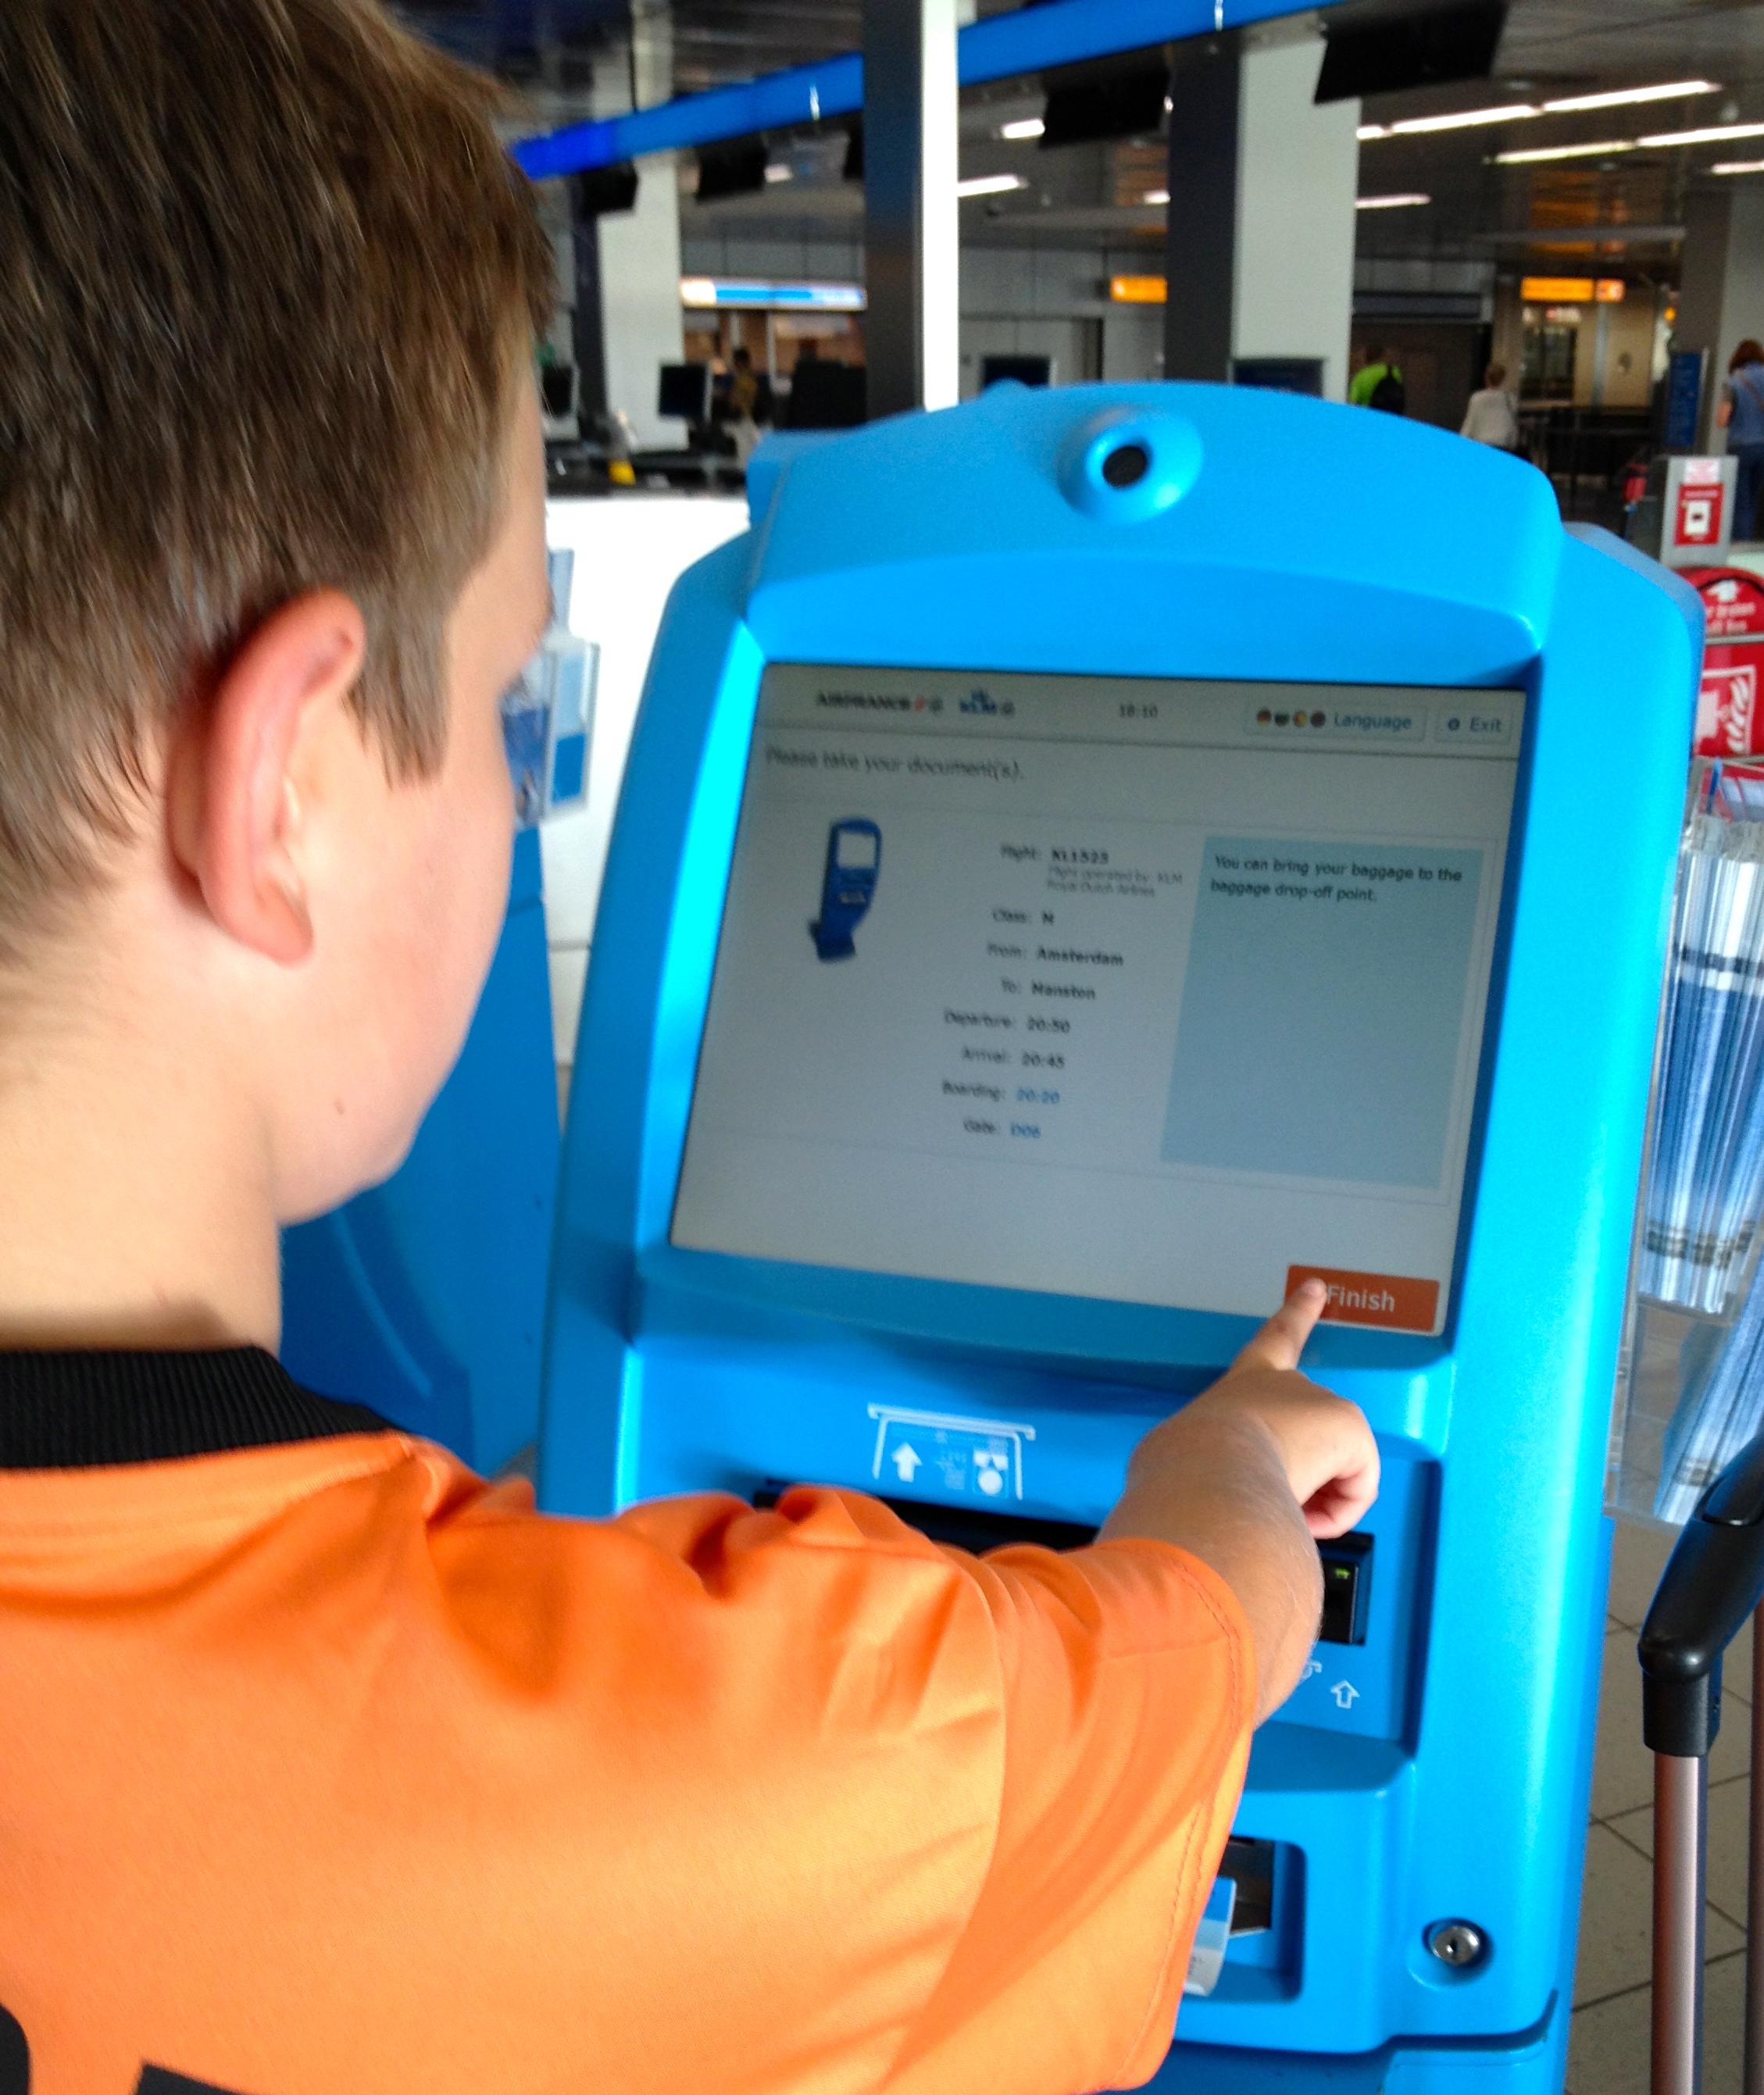 KLM self check-in at Amsterdam. Copyright Gretta Schifano